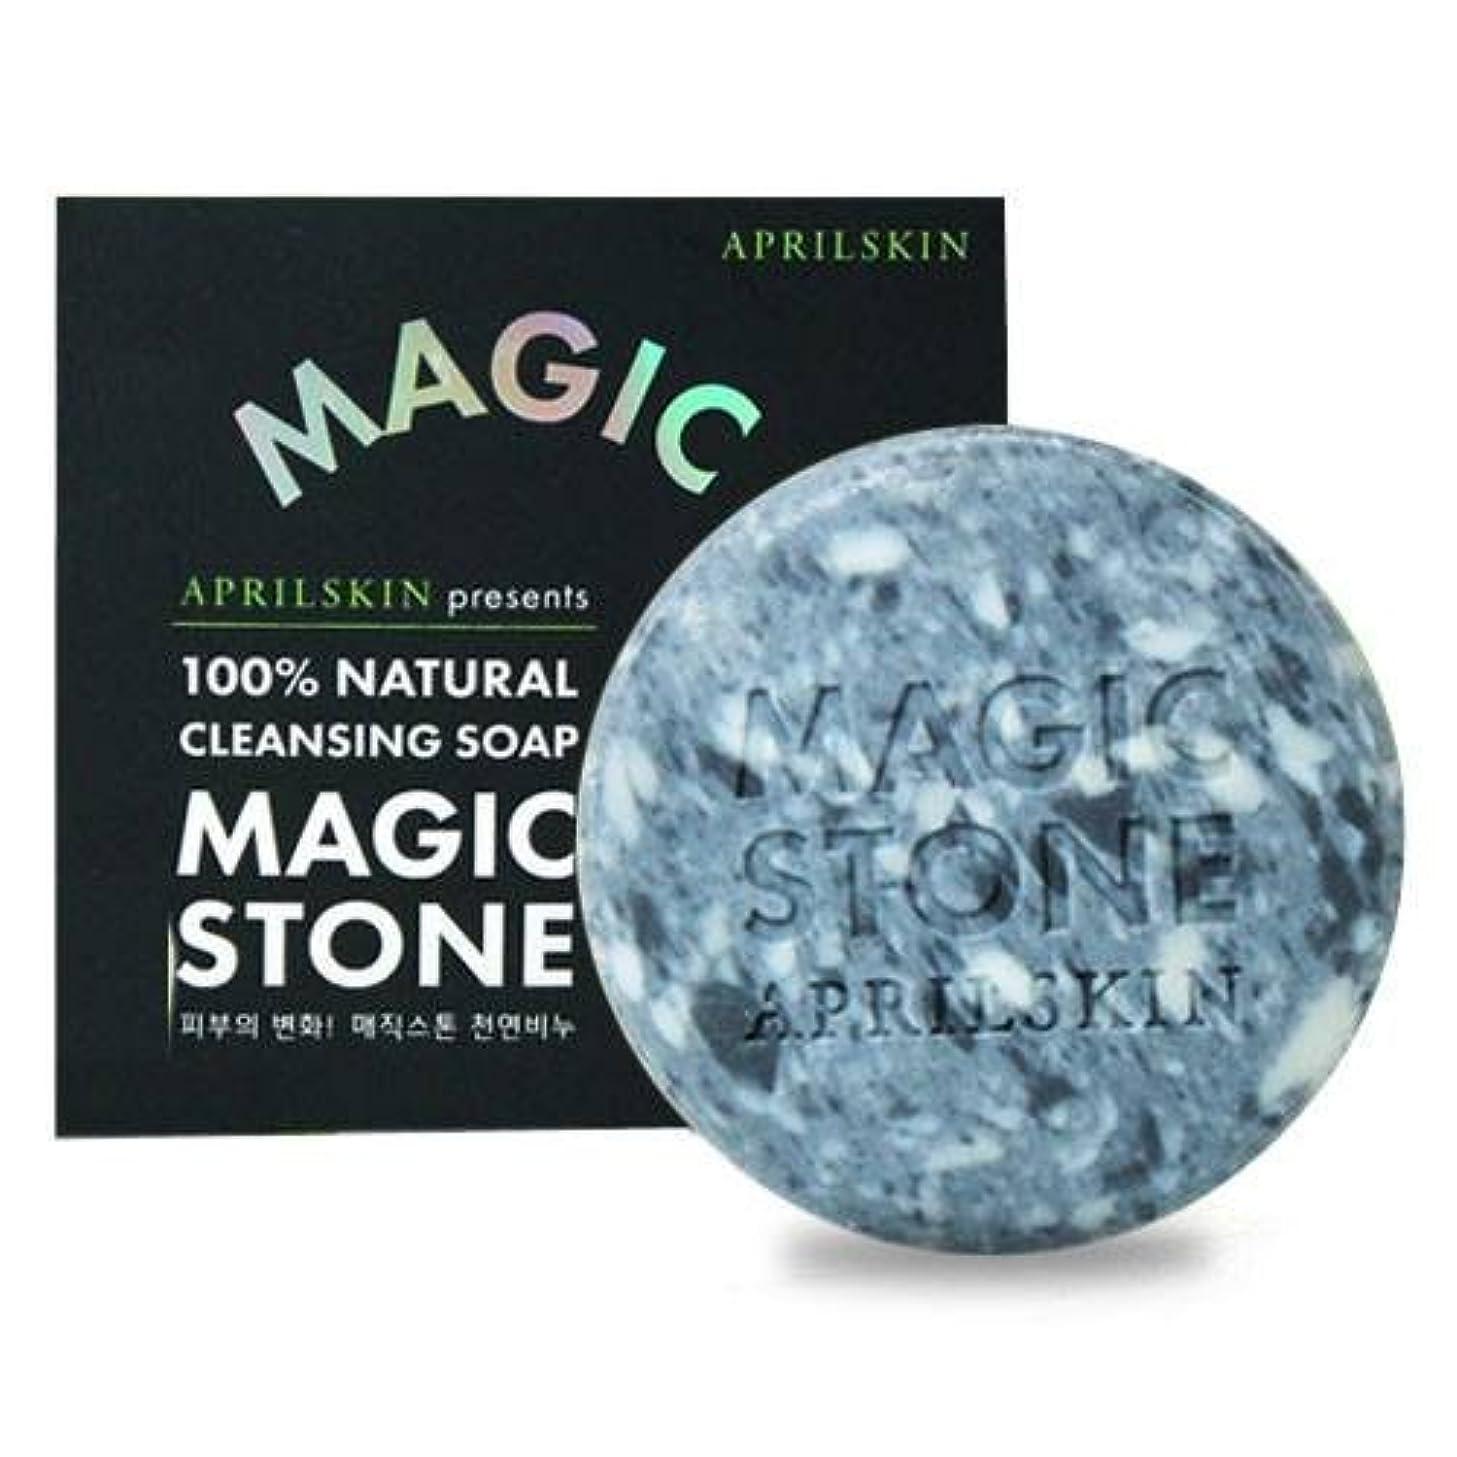 頼る正確しおれた[APRILSKIN] エイプリルスキン国民石鹸 (APRIL SKIN magic stone マジックストーンのリニューアルバージョン新発売) (ORIGINAL) [並行輸入品]